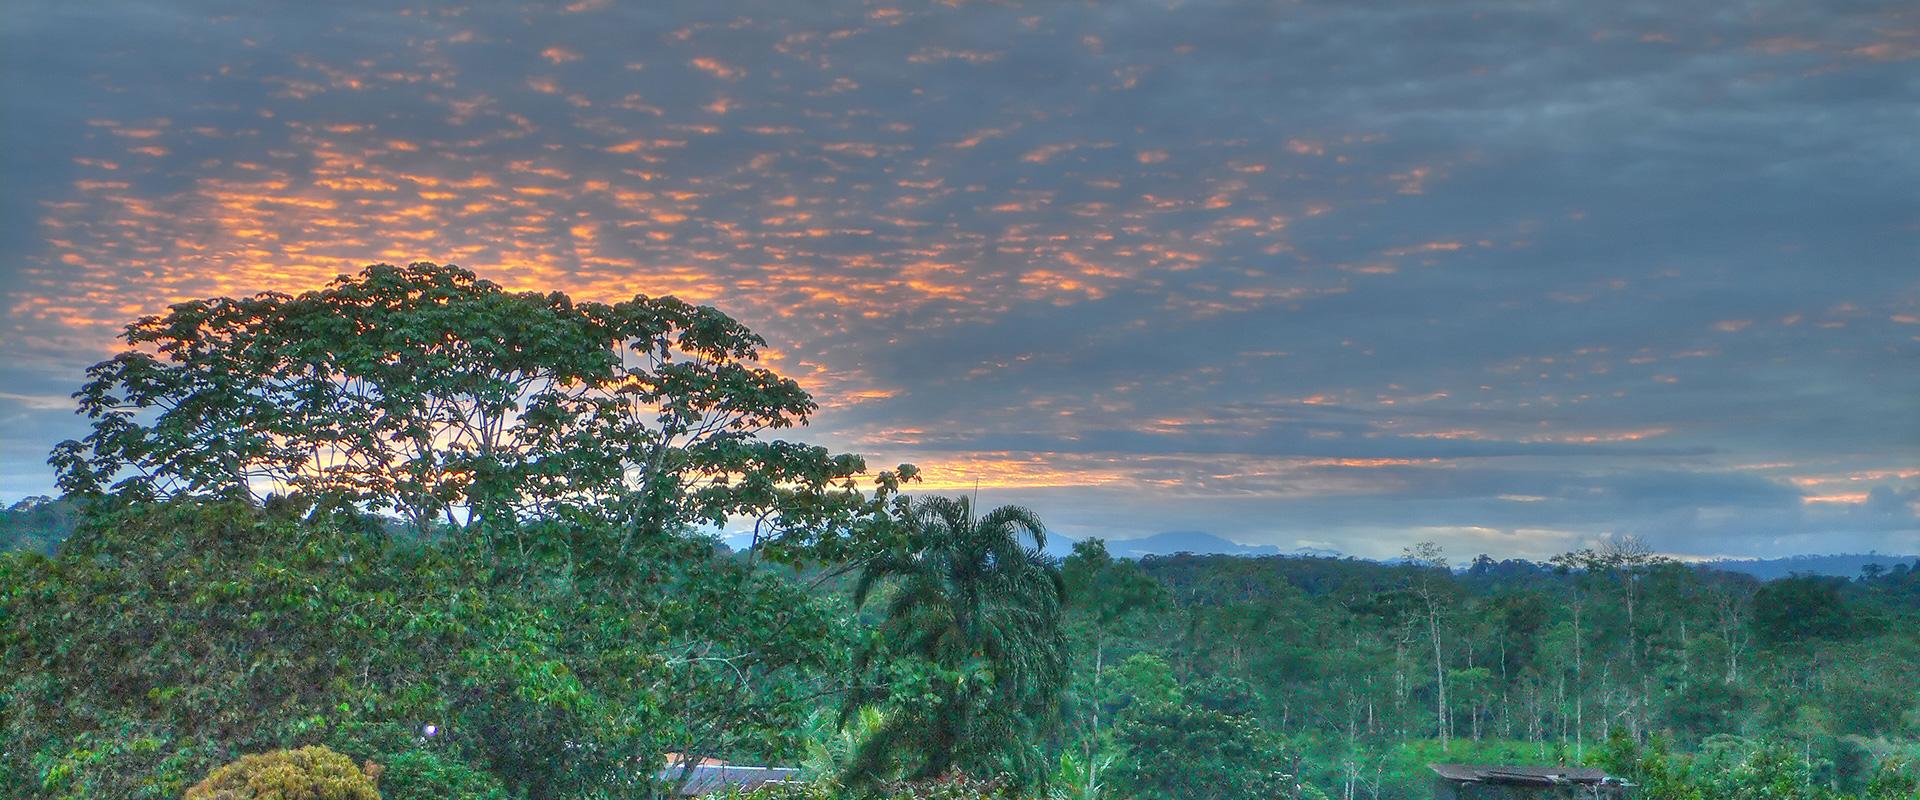 Amazon Rainforest Sunset